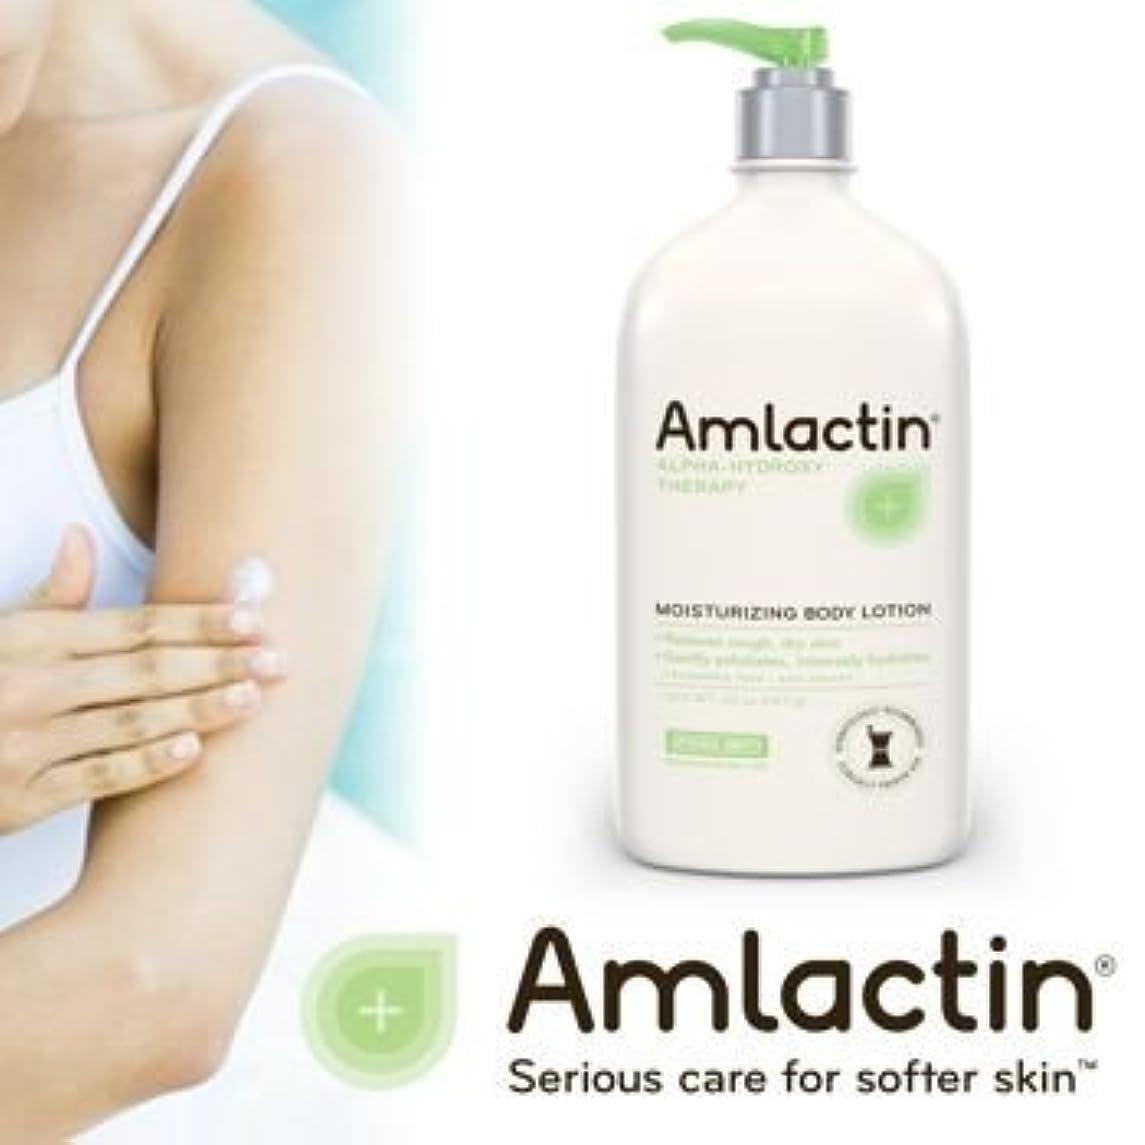 国旗面白い災難アムラクティン 保湿液 (乾燥肌のため) - 12% 乳酸 - AmLactin 12 % Moisturizing Lotion - 500 g / 17.6 oz (Product packaging may vary)